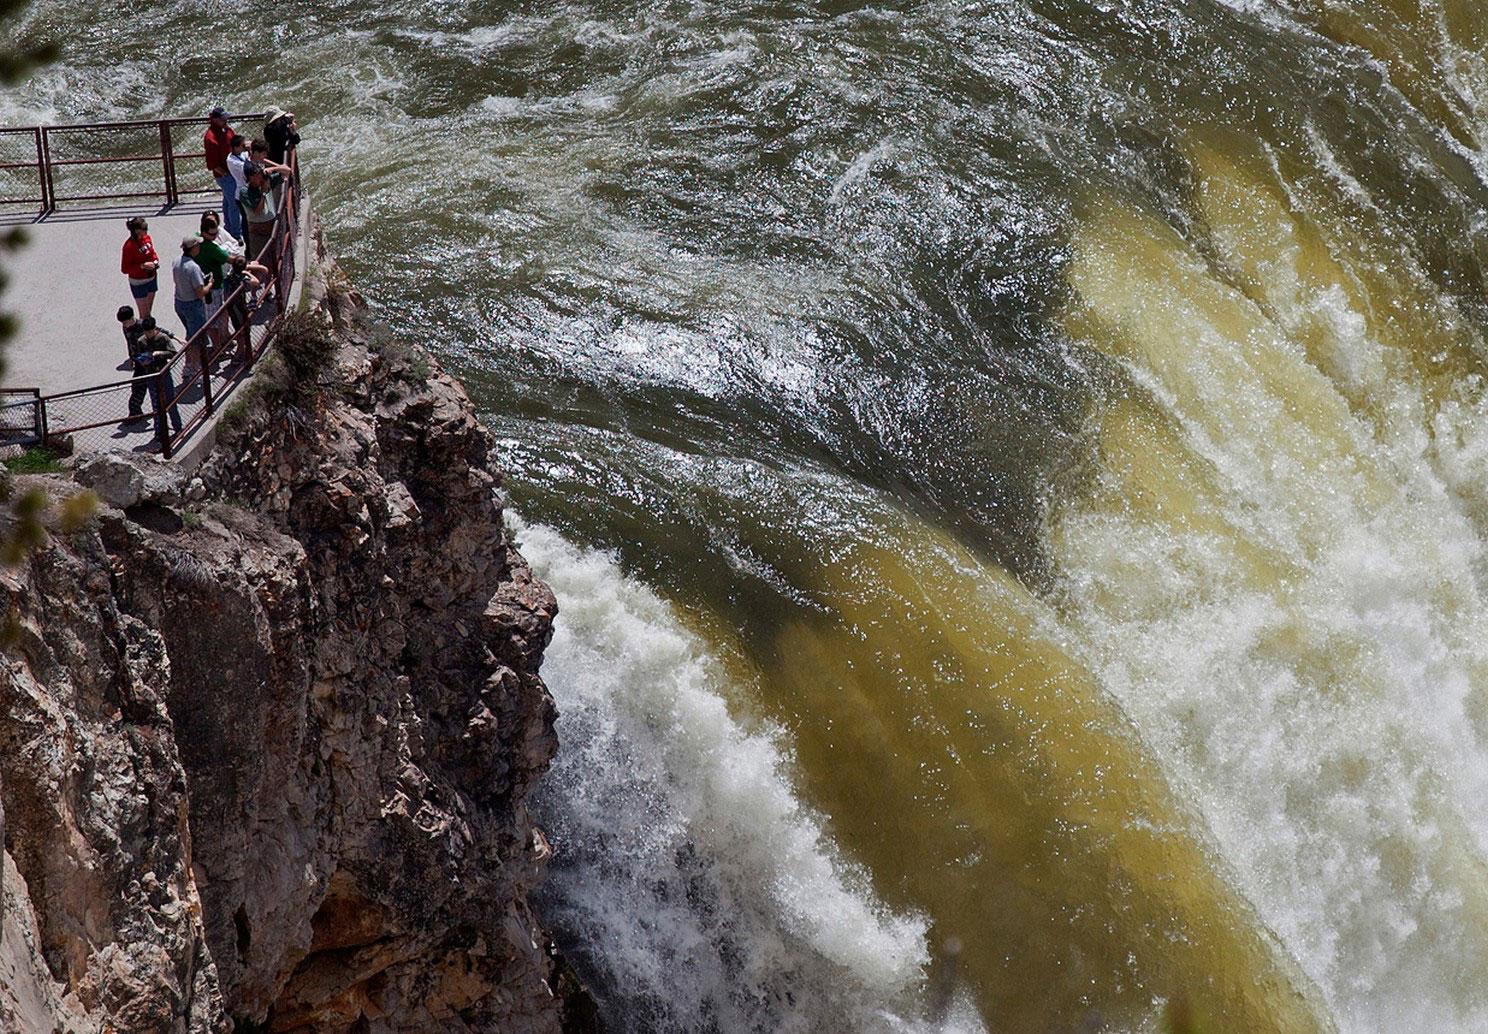 туристы на водопаде